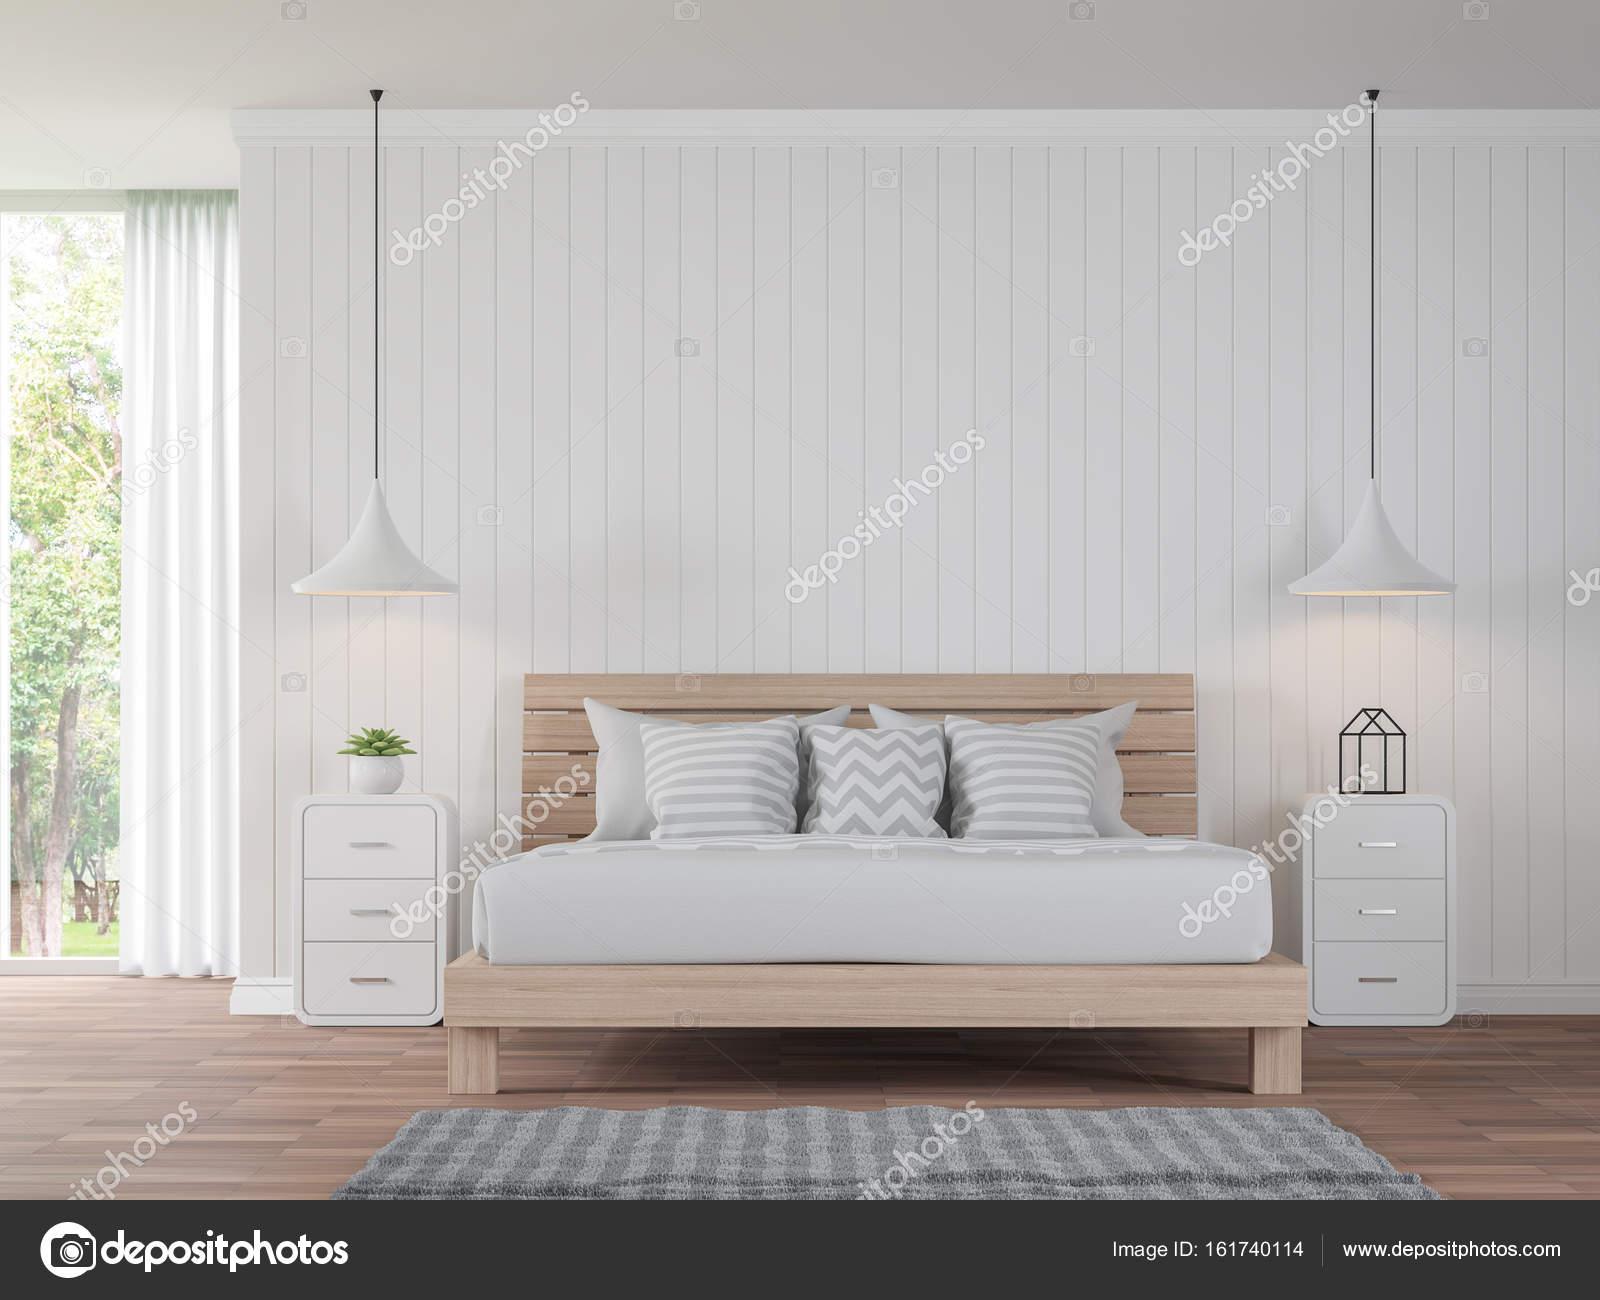 Camera Da Letto Vintage Moderno : Stile vintage bianco camera da letto moderna immagine di rendering